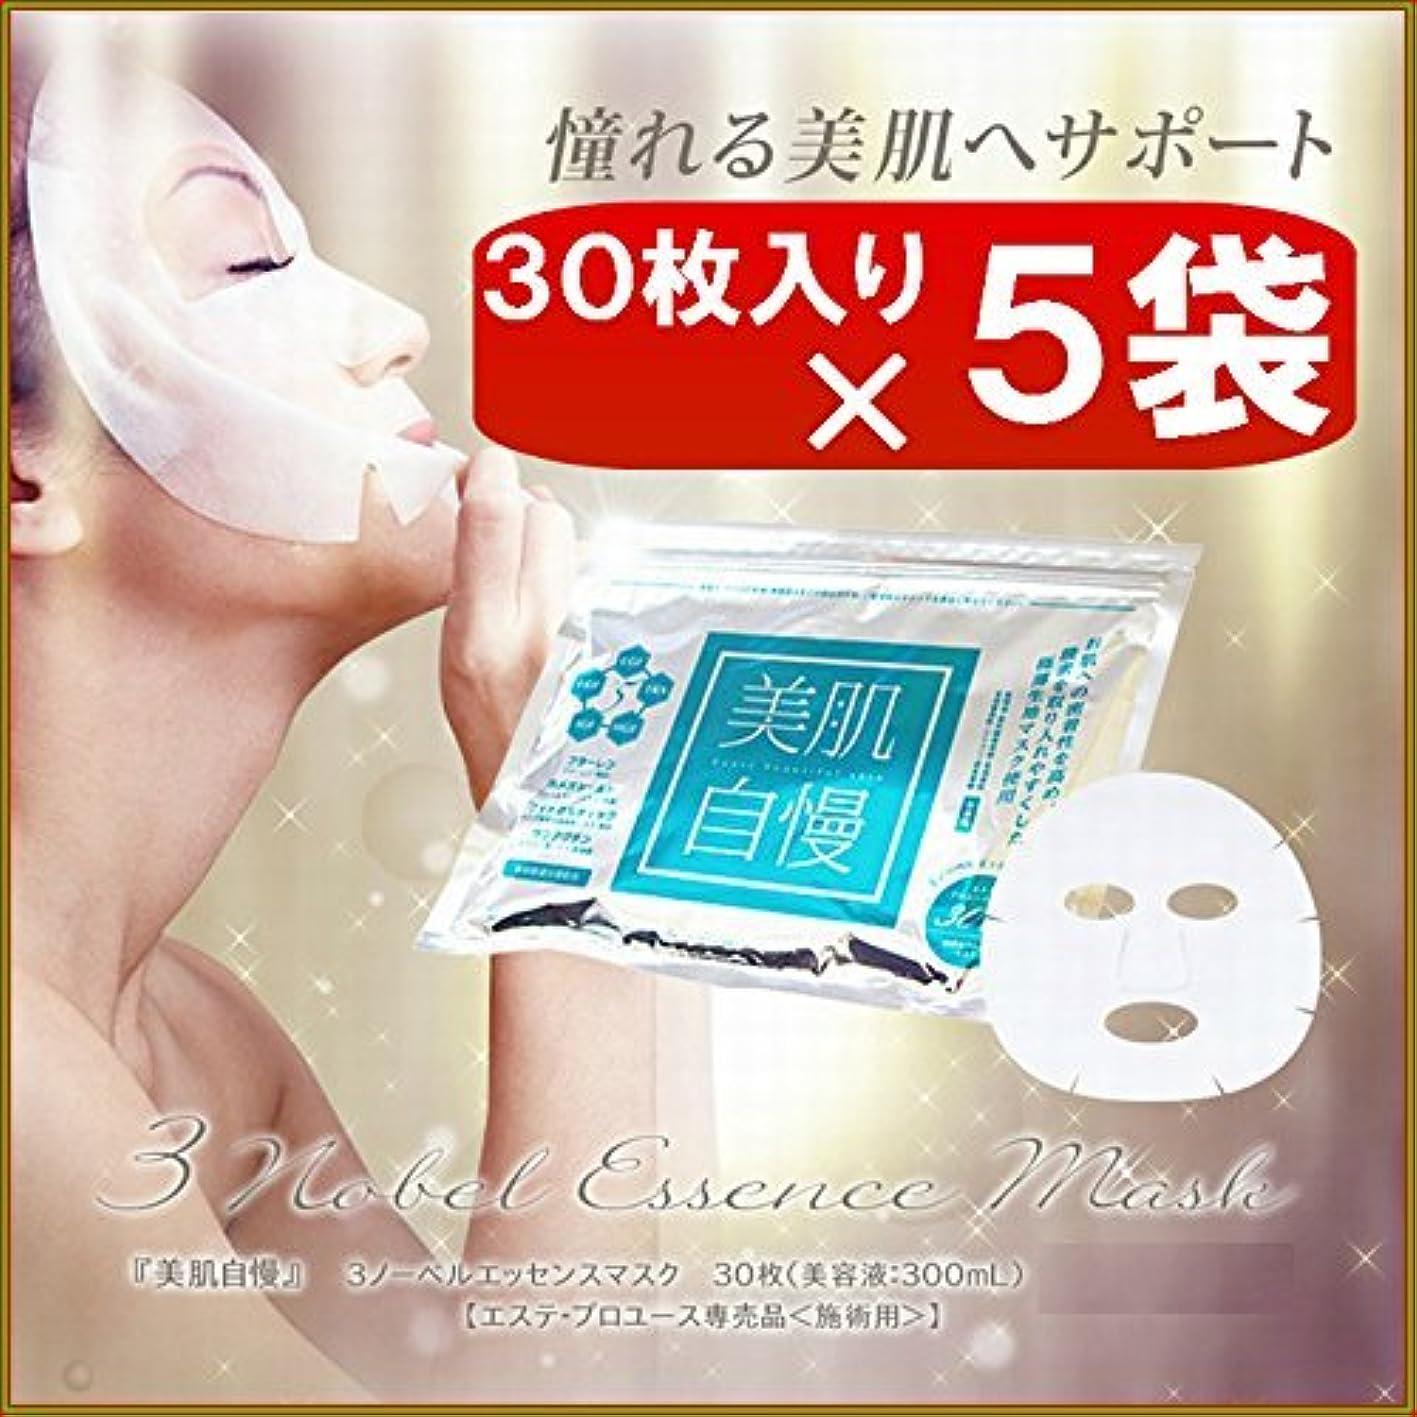 受ける想像するマット美肌自慢フェイスマスク 30枚入り ×超お得5袋セット 《エッセンスマスク、EGF、IGF、ヒアルロン酸、プラセンタ、アルブチン、カタツムリエキス、しみ、しわ》